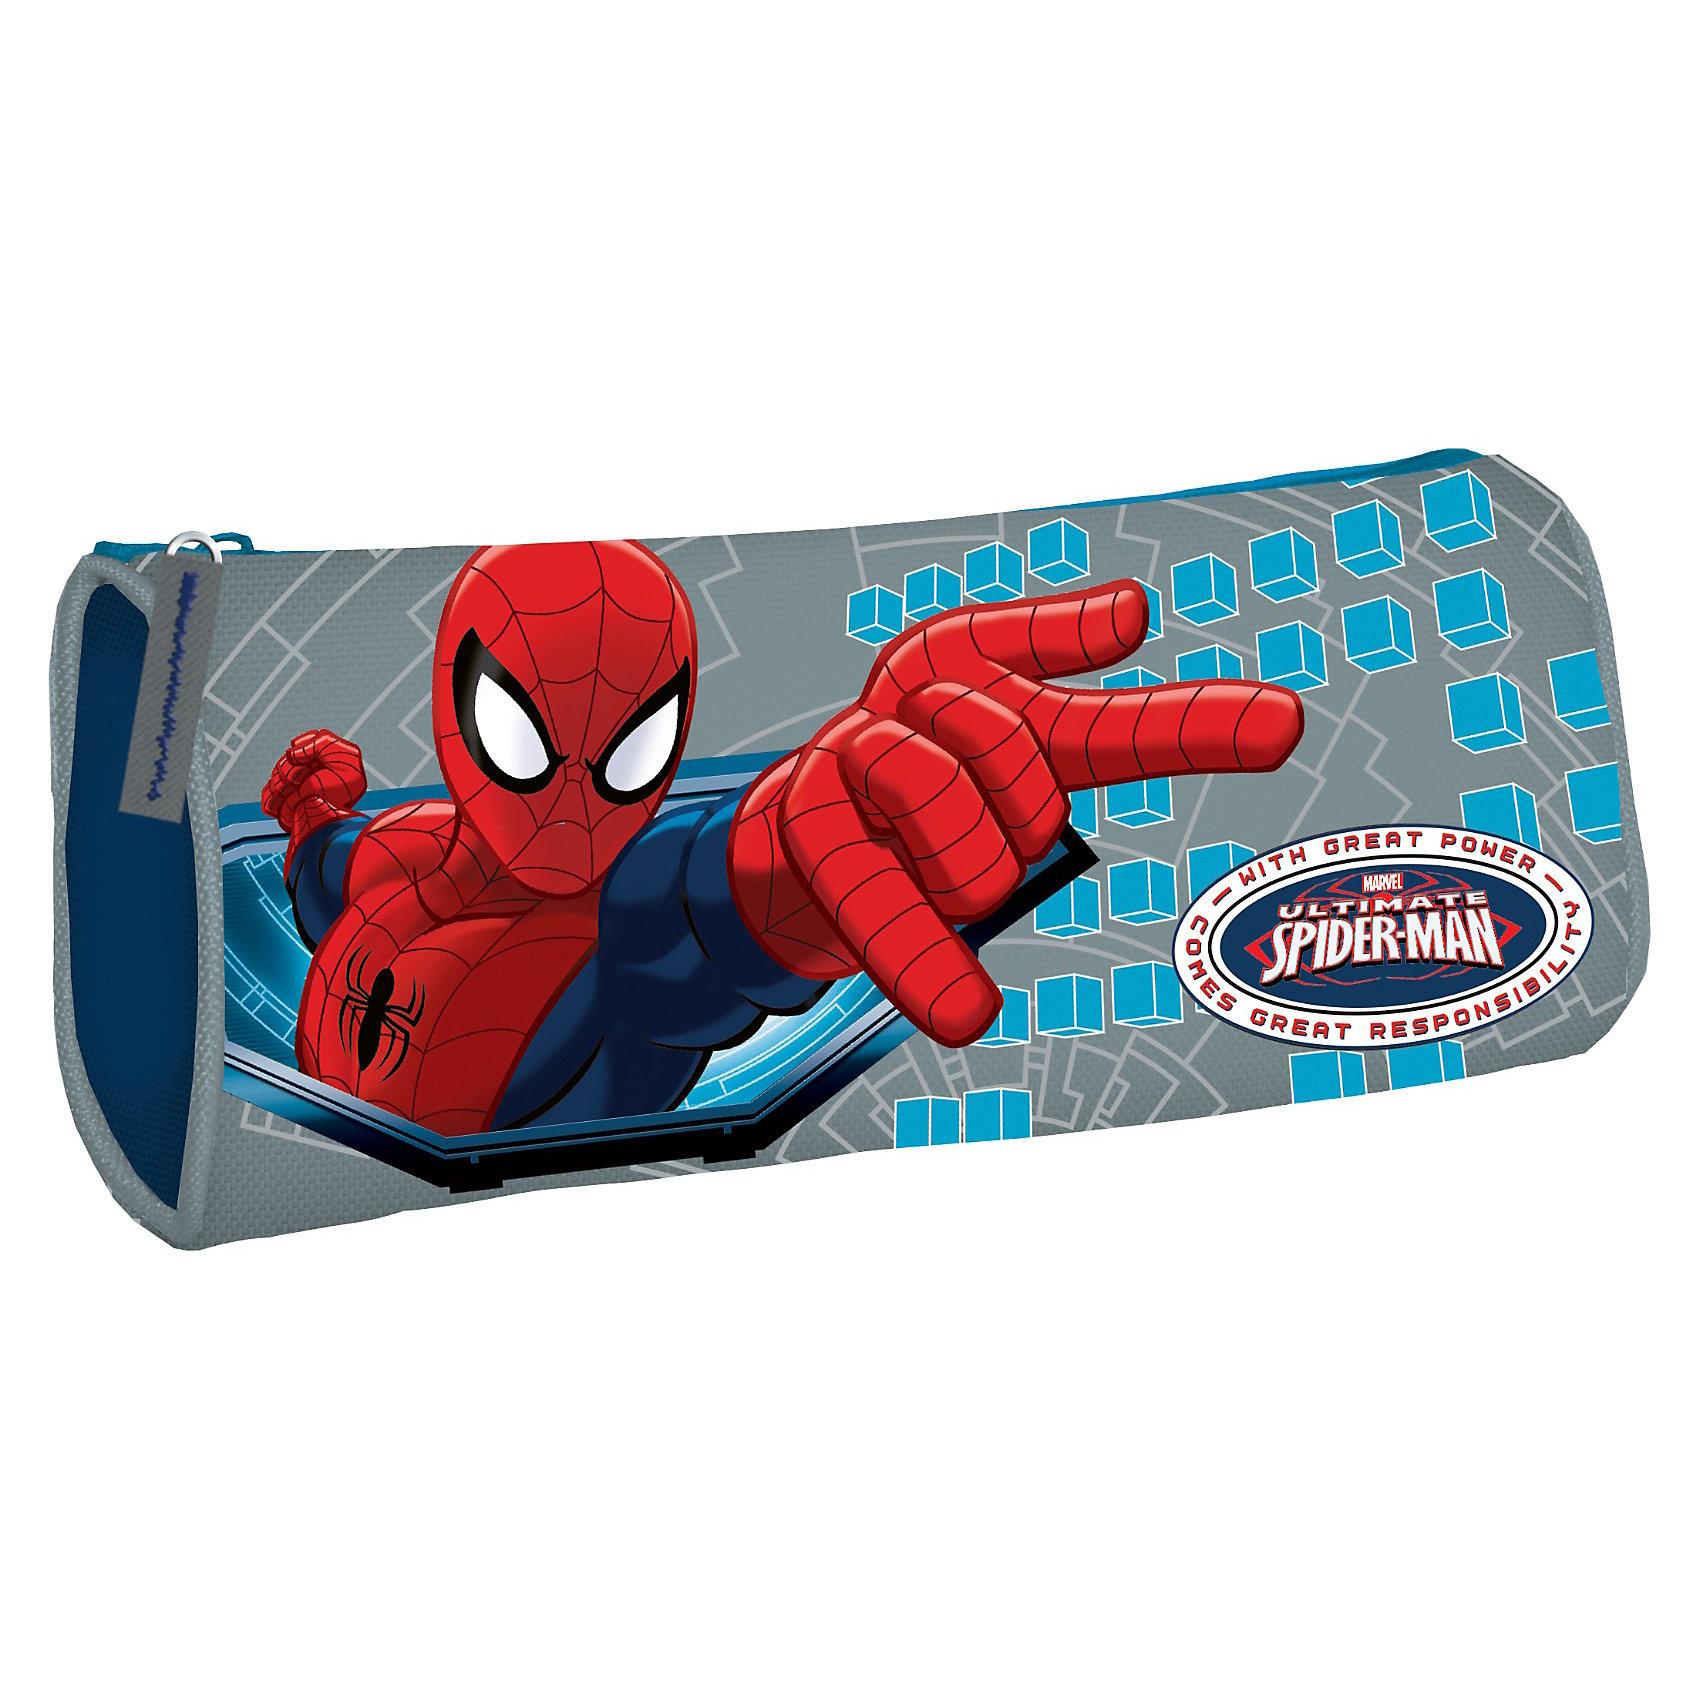 Пенал, Человек-ПаукЧеловек-Паук<br>Пенал мягкий с изображением Человека-паука (Spider Man) понравится всем поклонникам этого  сериала. В нем удобно носить ручки, карандаши, терки и разные канцелярские мелочи, которые могут пригодиться Вашему ребенку в школе. Пенал сделан из мягкого материала. Изделие хорошо держит форму. Мягкий пенал Spider Man застегивается на молнию.<br>Внутри имеется одно большое отделение для хранения канцелярских принадлежностей<br><br>Дополнительная информация:<br><br>- материал: полиэстер<br>- размер: 9 х 21 х 5 см.<br><br>Пенал мягкий Spider Man можно купить в нашем магазине.<br><br>Ширина мм: 90<br>Глубина мм: 210<br>Высота мм: 50<br>Вес г: 67<br>Возраст от месяцев: 48<br>Возраст до месяцев: 84<br>Пол: Мужской<br>Возраст: Детский<br>SKU: 3562974